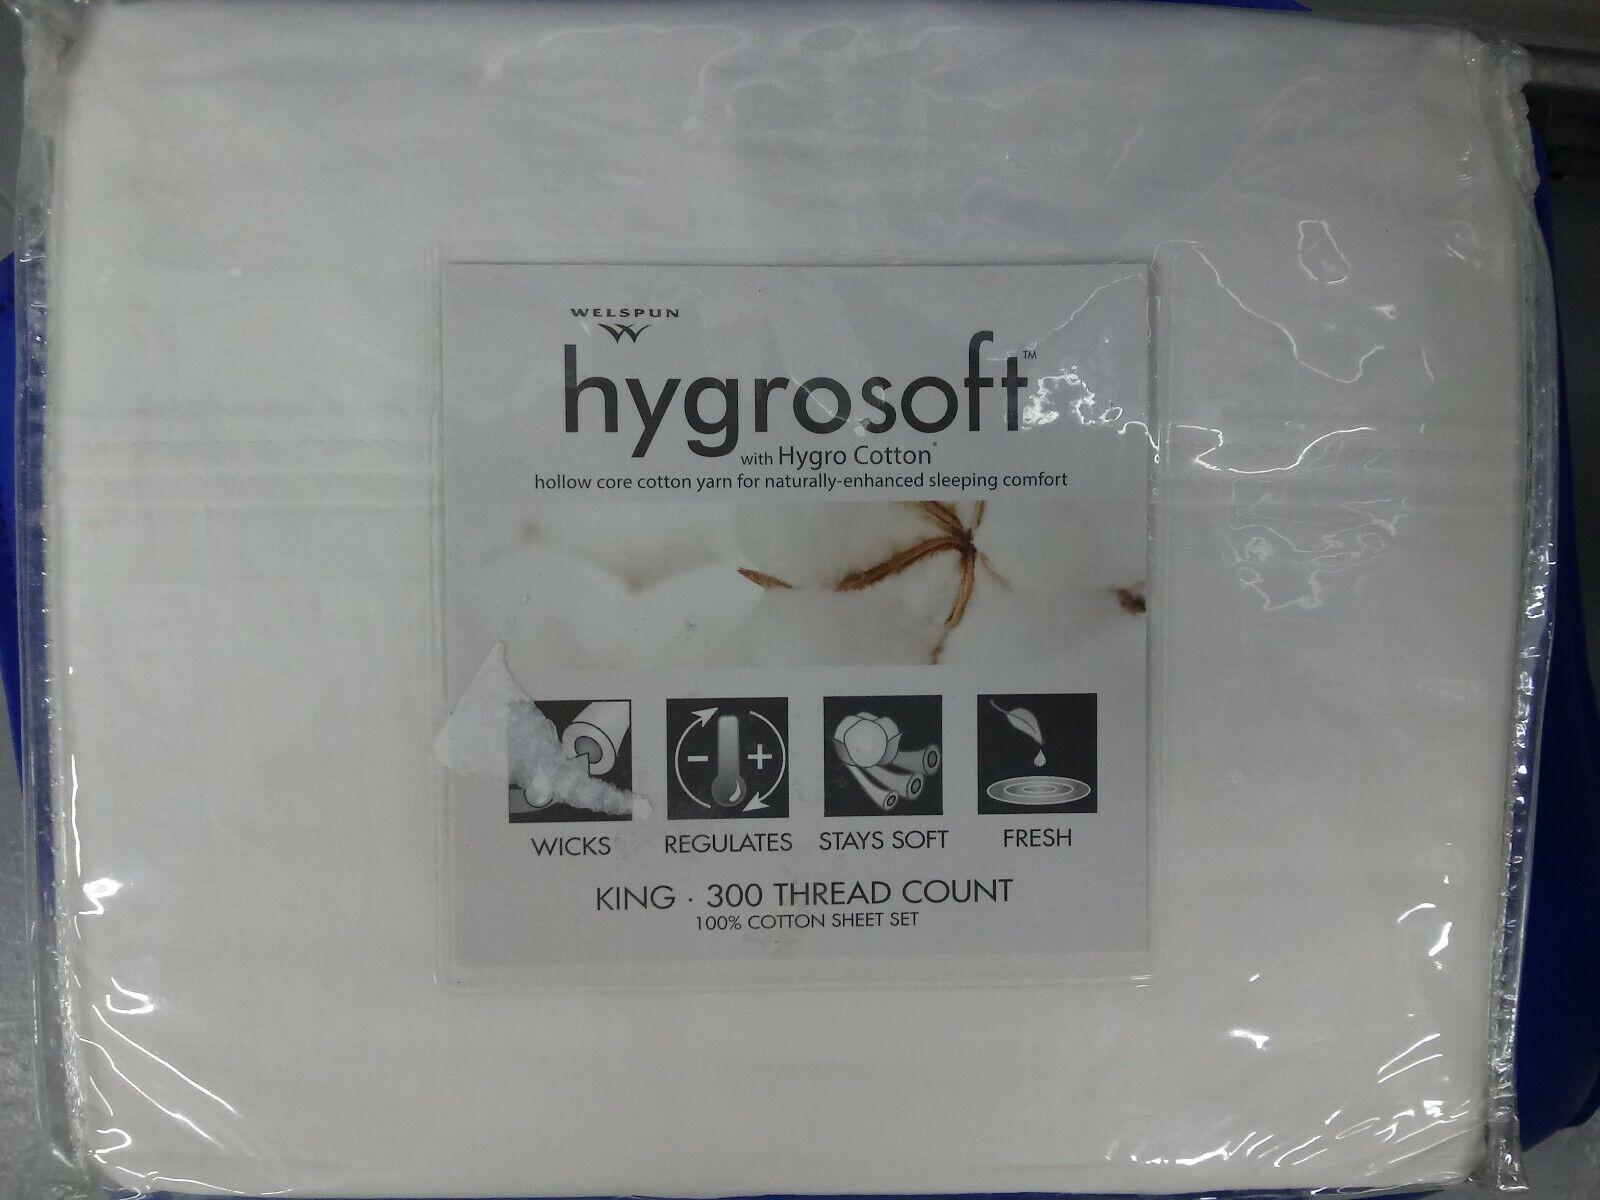 HygroSoft by Welspun 300 Thread Count Cotton Sheet Set. Größe King. Farbe Weiß